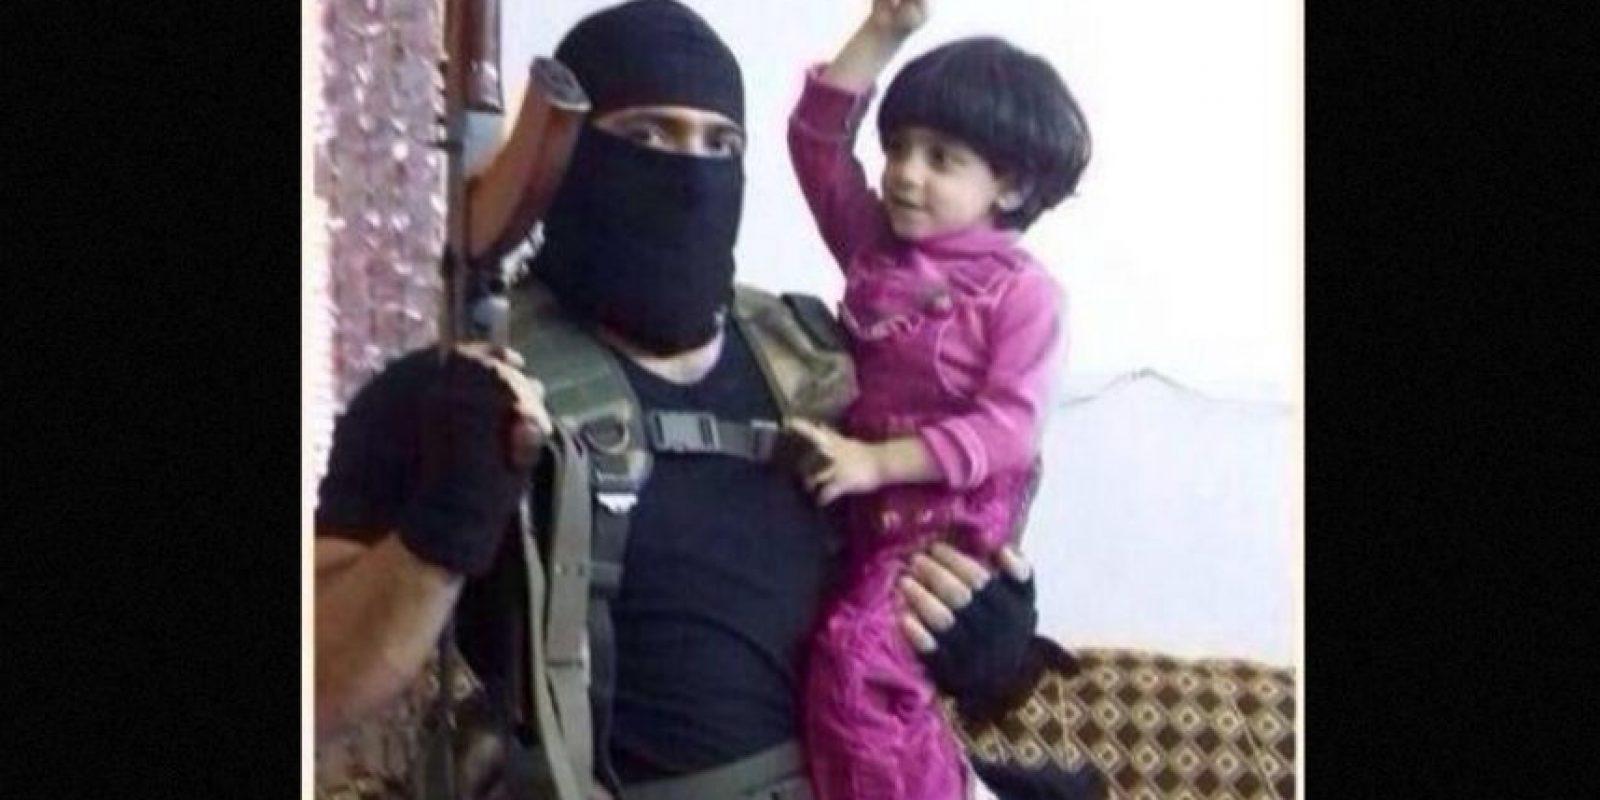 El grupo yihadista los utiliza para promocionarse en redes sociales Foto:Twitter.com – Archivo